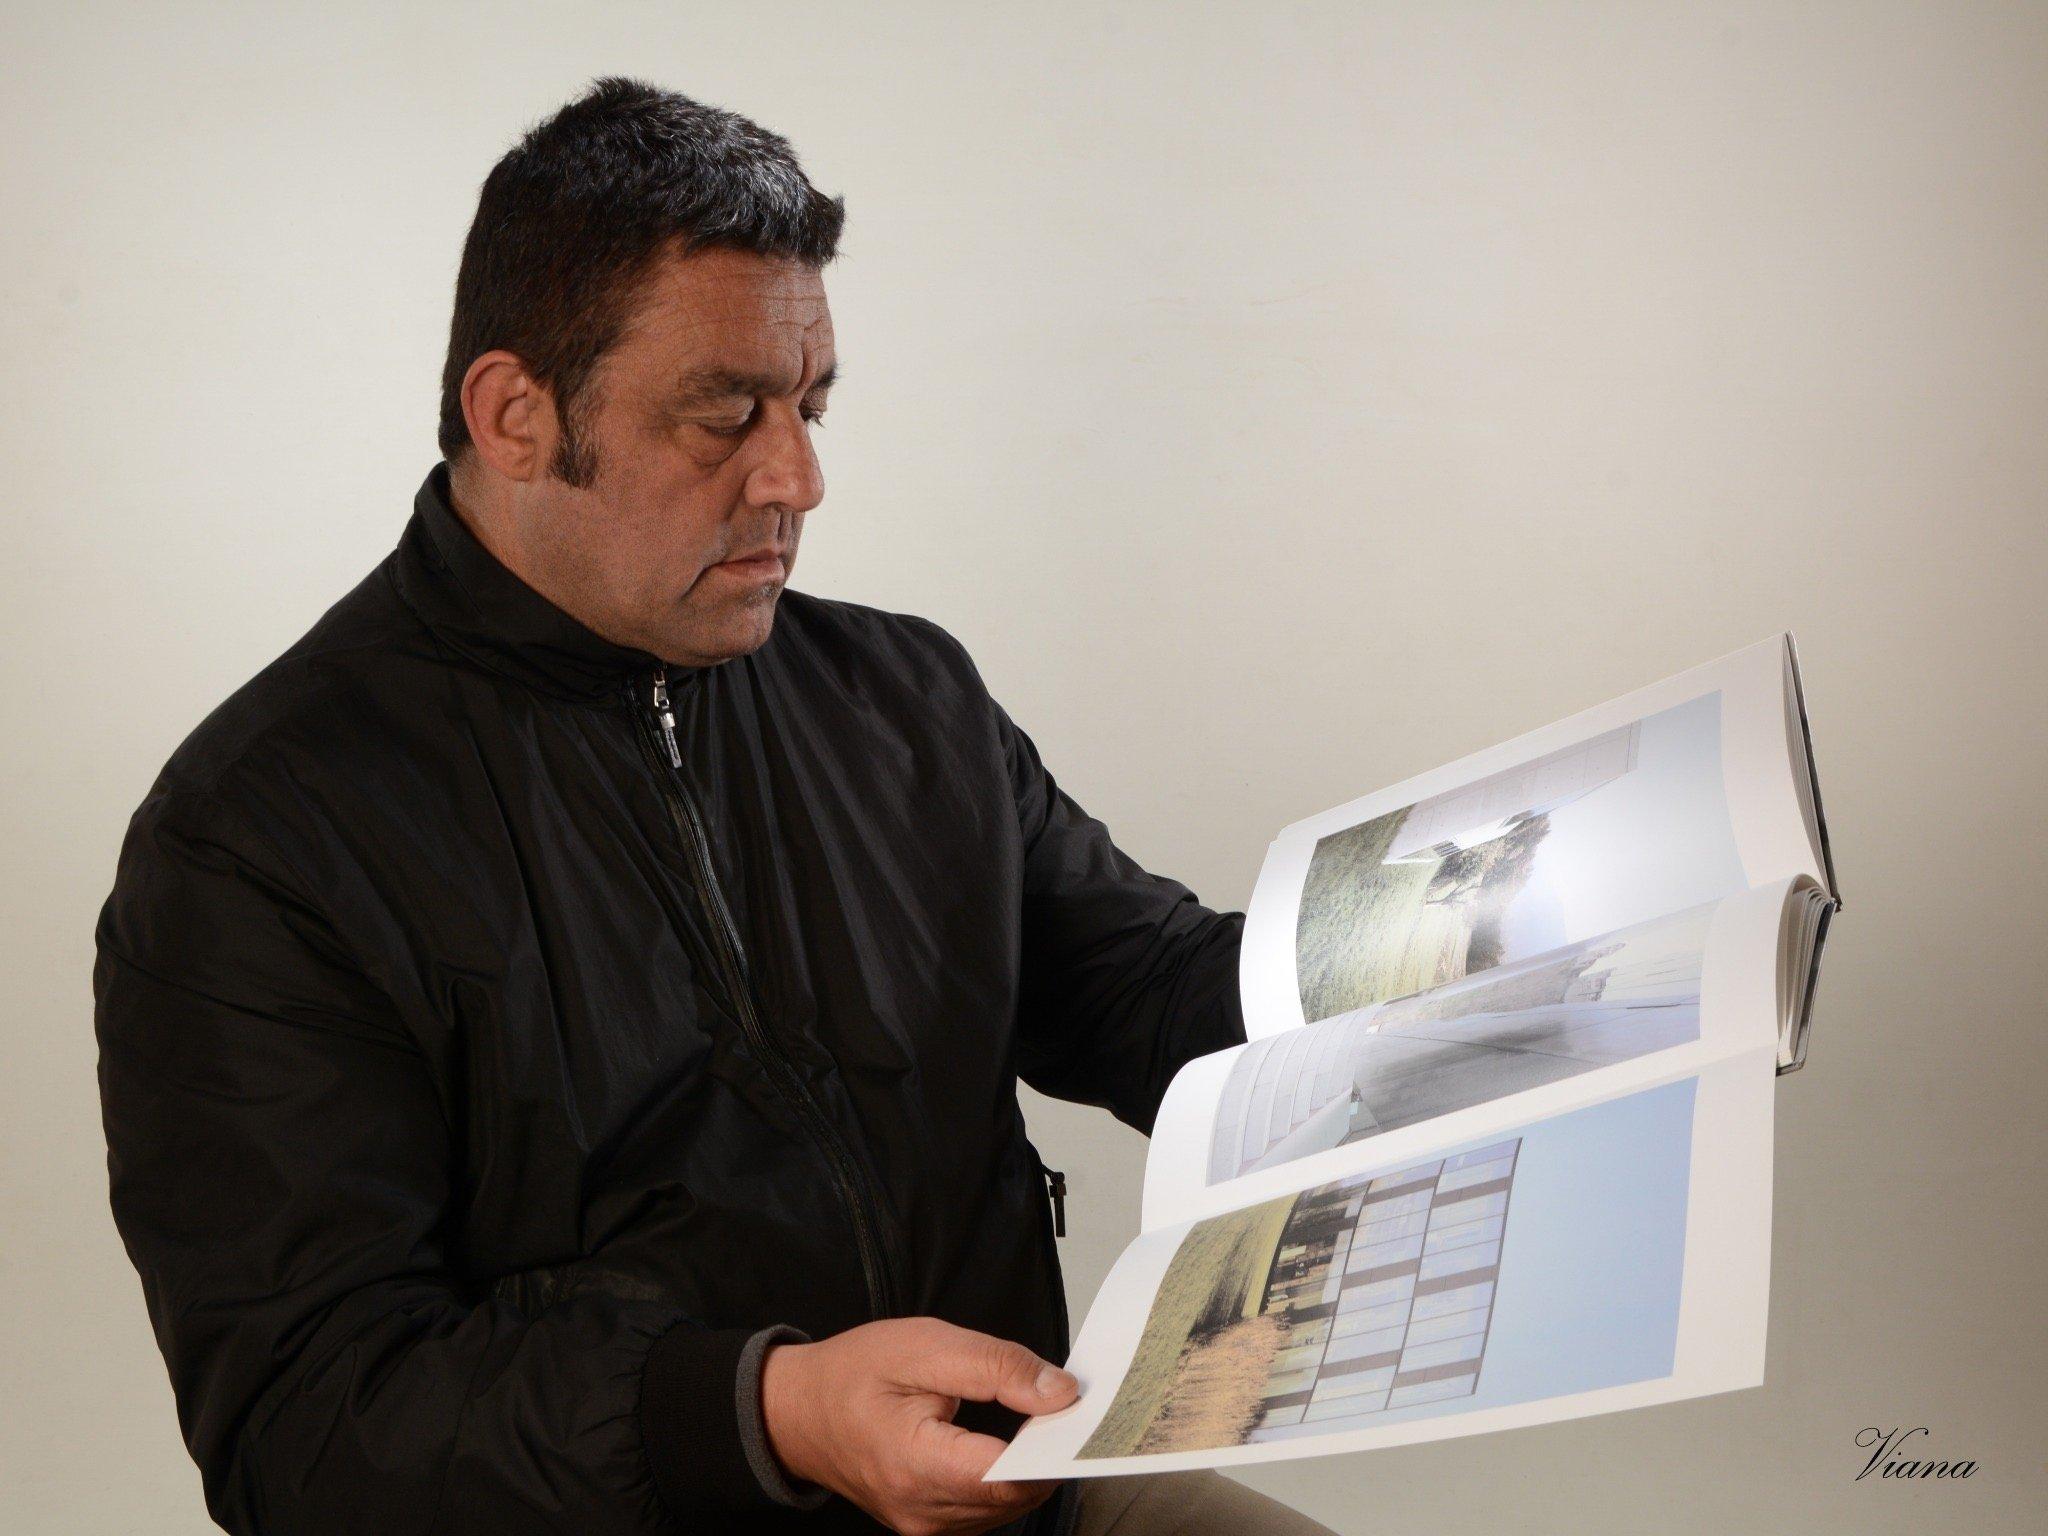 José Ignacio Martínez ultima un libro sobre pueblos y rincones del concejo de Navia